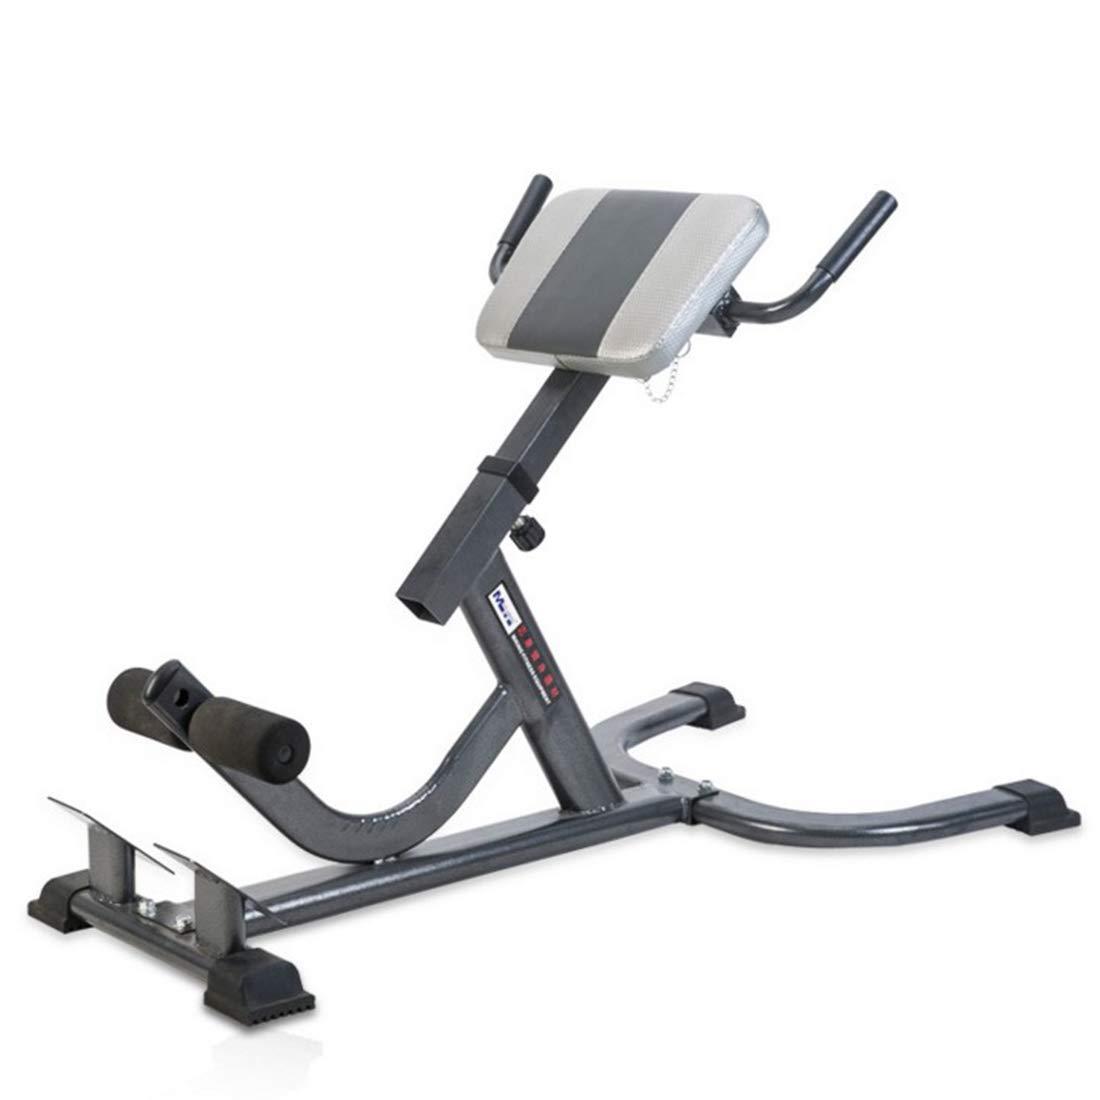 UICICI Rome Chair/Gym Chair, Bauchgerät, Bauchmuskelsessel, Fitnessgeräte/geeignete  Herrenchenmenge: Fitnessbegeisterte, Geschäftsleute.